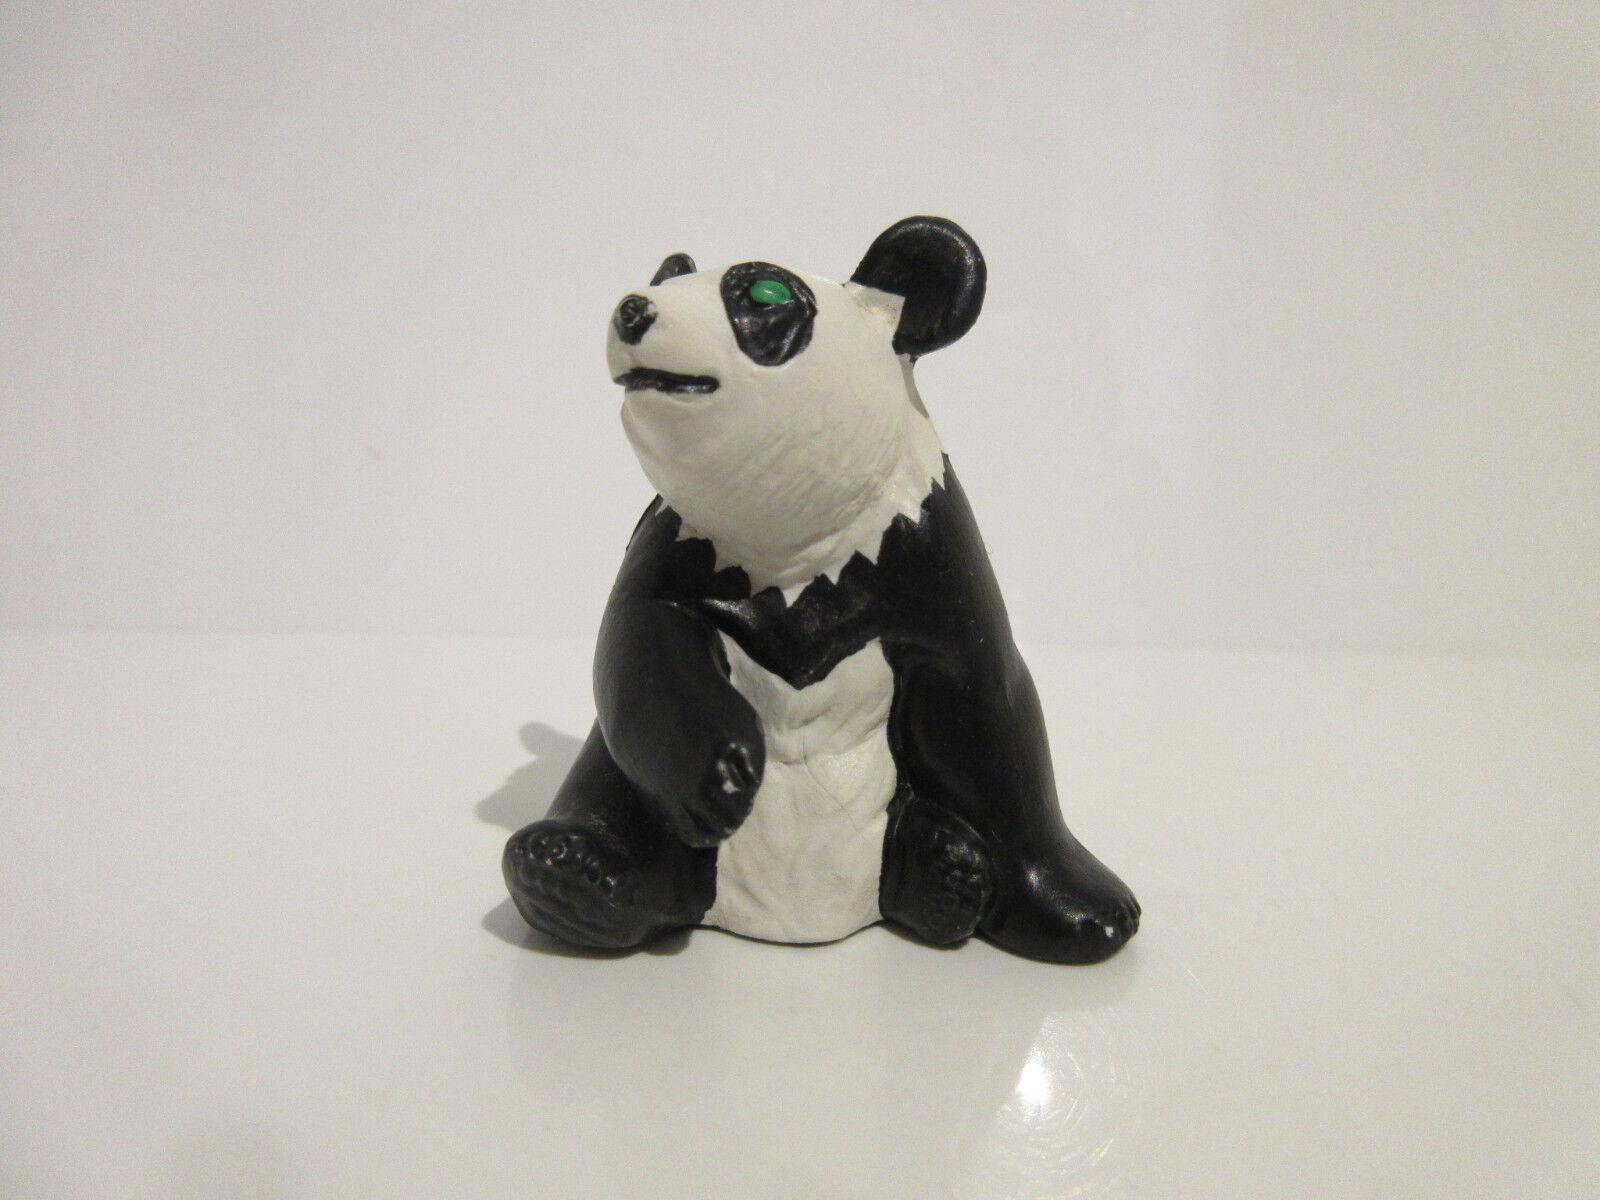 12650-1 schleich panda, sitting very rare  ref 1d1336  jusqu'à 60% de réduction